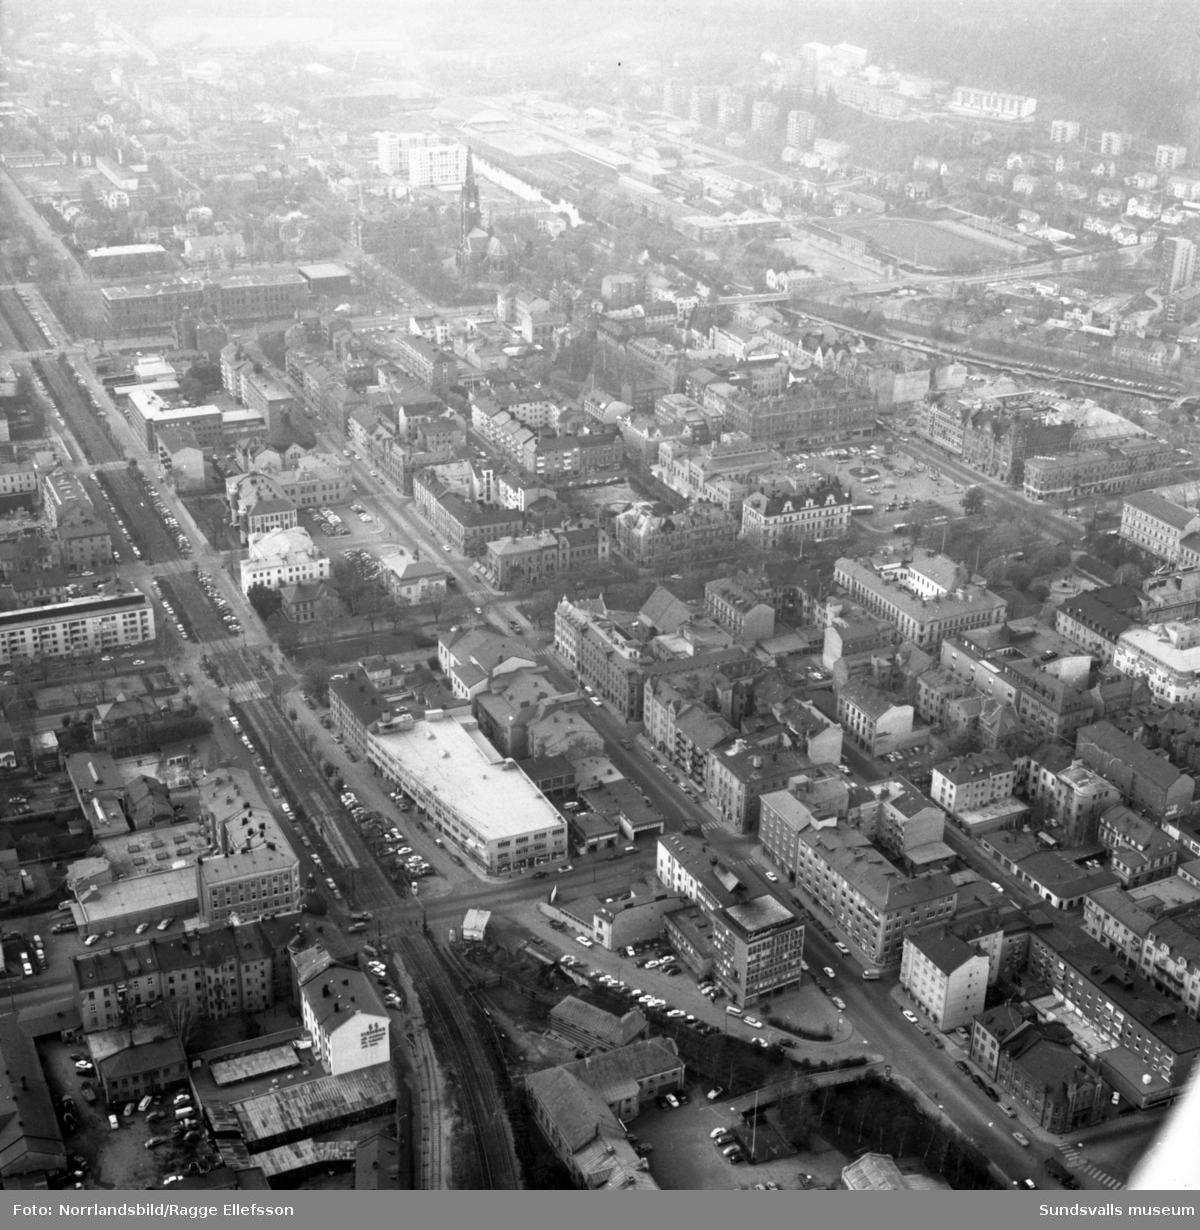 Flygfoton över Stenstaden med Philipssons bil i centrum. Köpmangatan, Nybrogatan, järnvägen.